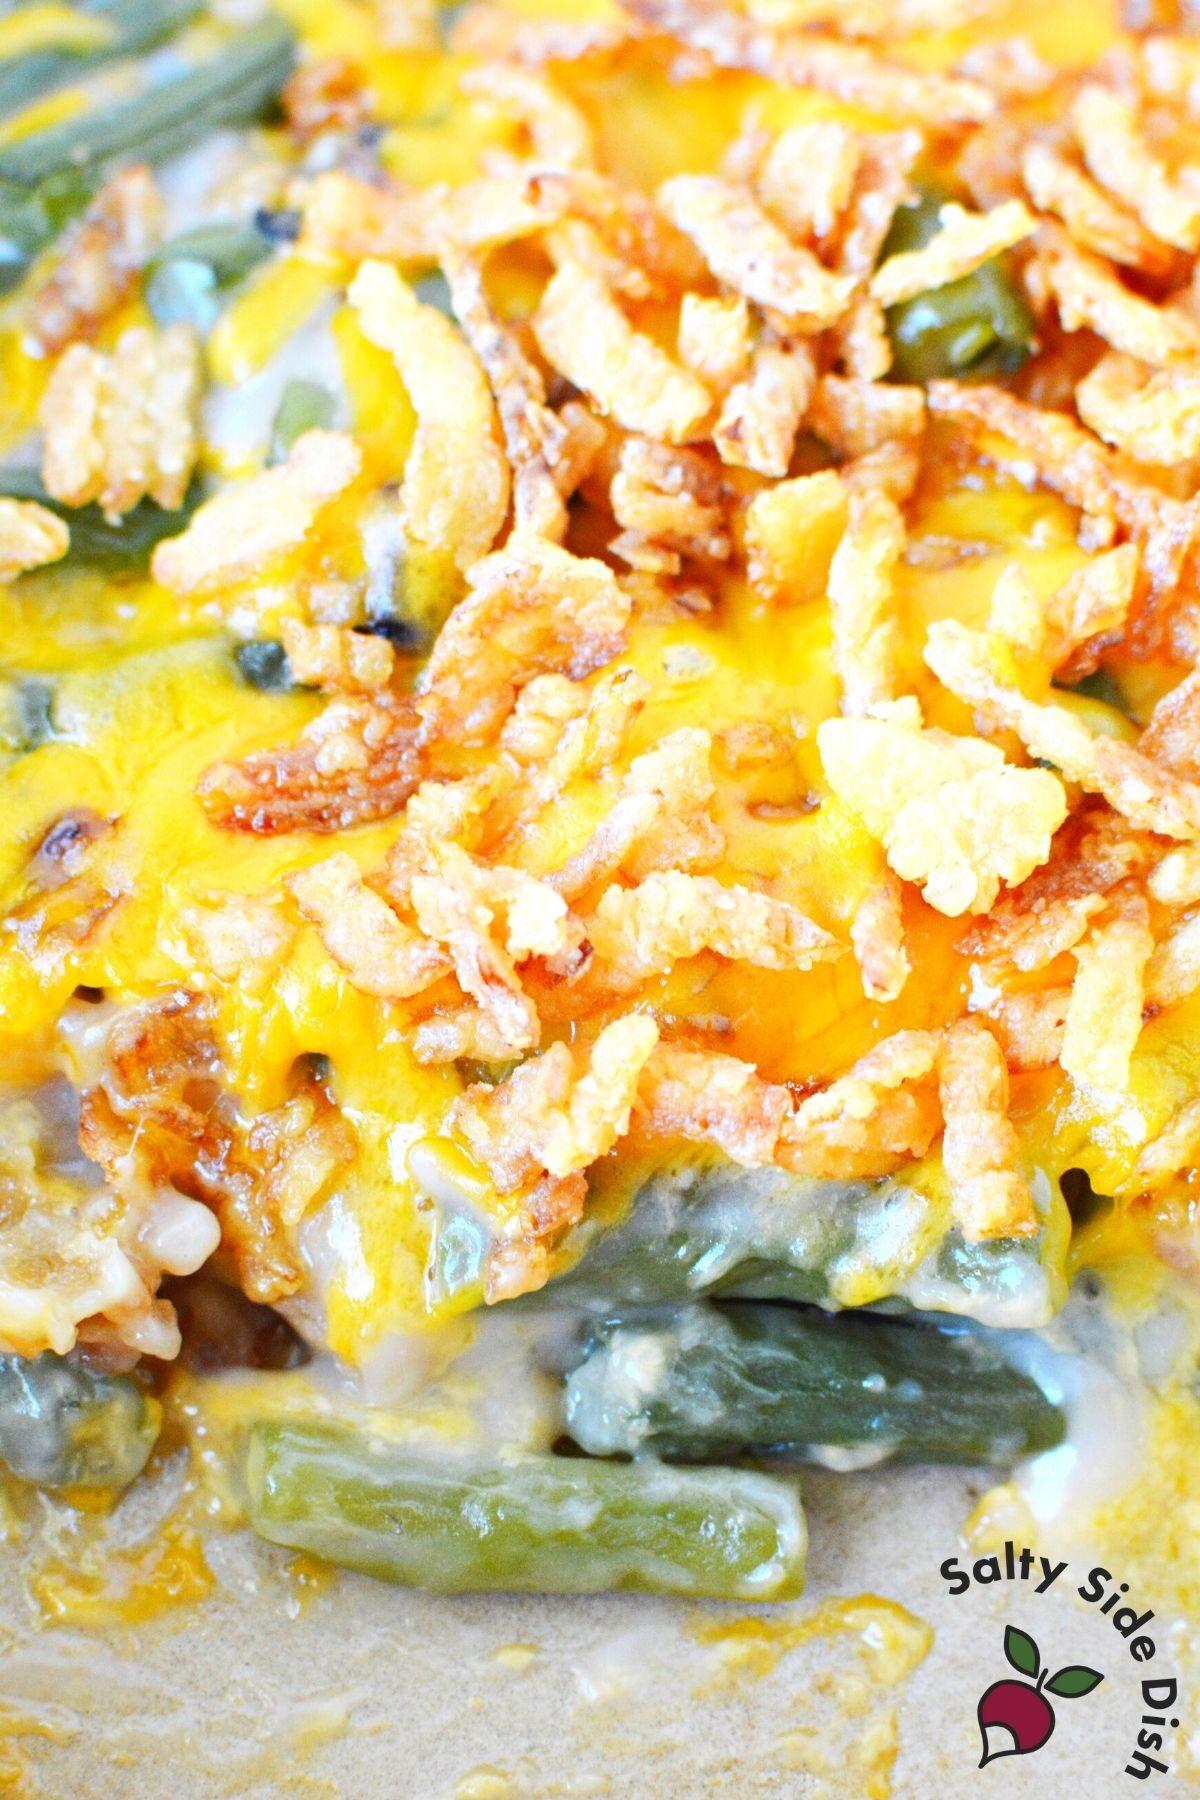 a casserole dish full of green bean casserole with fresh green beans.